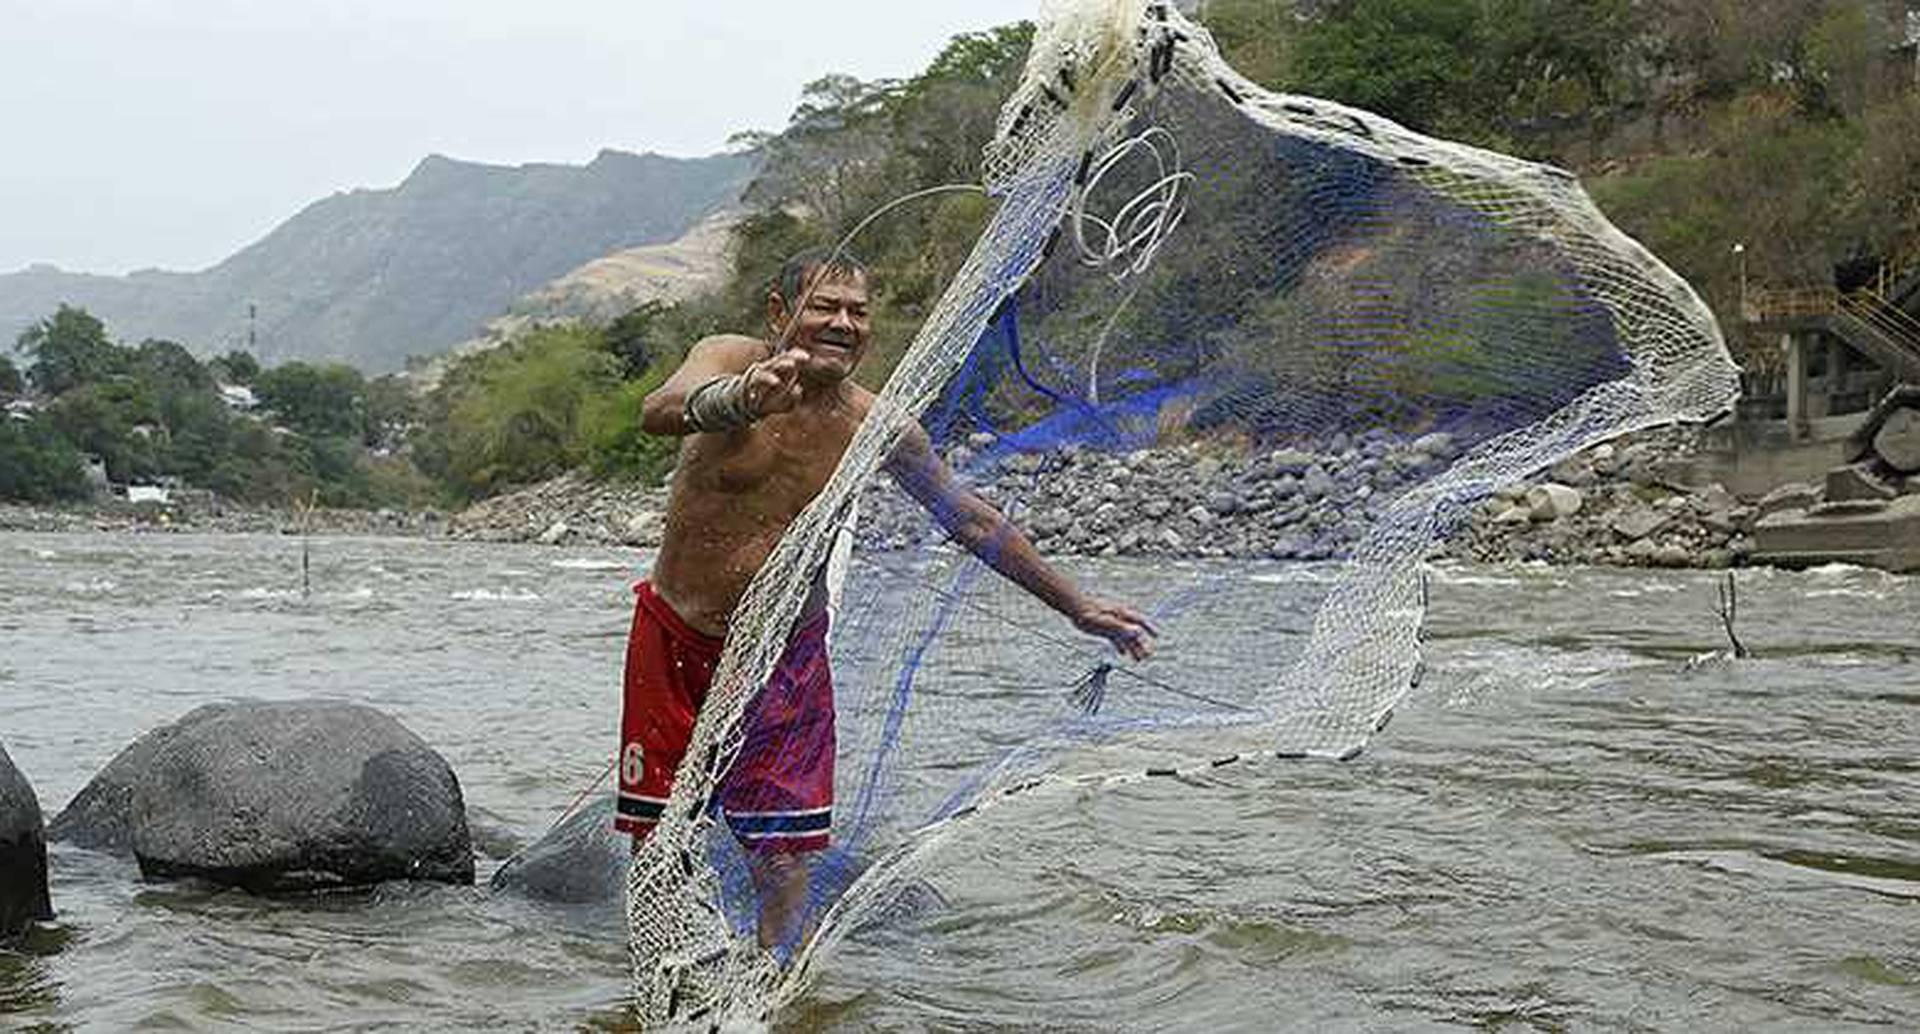 Pedro Elías Rodríguez, pescador de Honda (Tolima), asegura que lo que atrapa en una mañana completa sólo le alcanza para su alimentación; ya no comercializa. Foto: Guillermo Torres/SEMANA